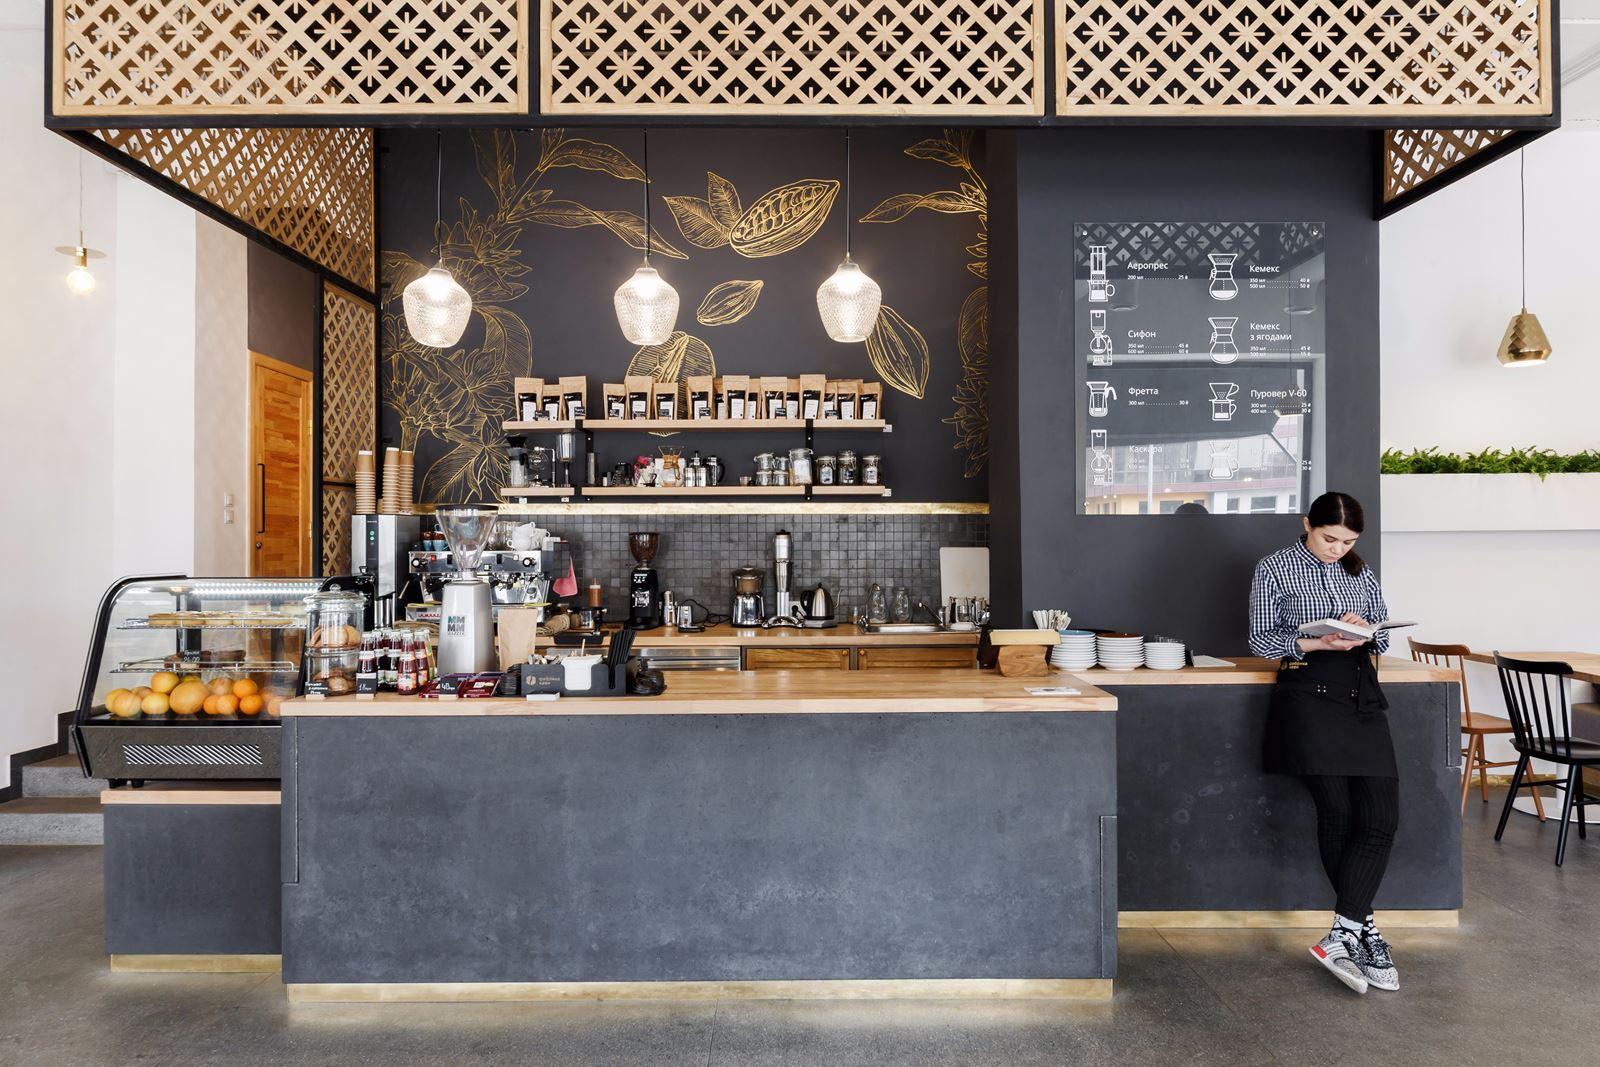 Fabryke Kavy Coffee Shop in Ukraine